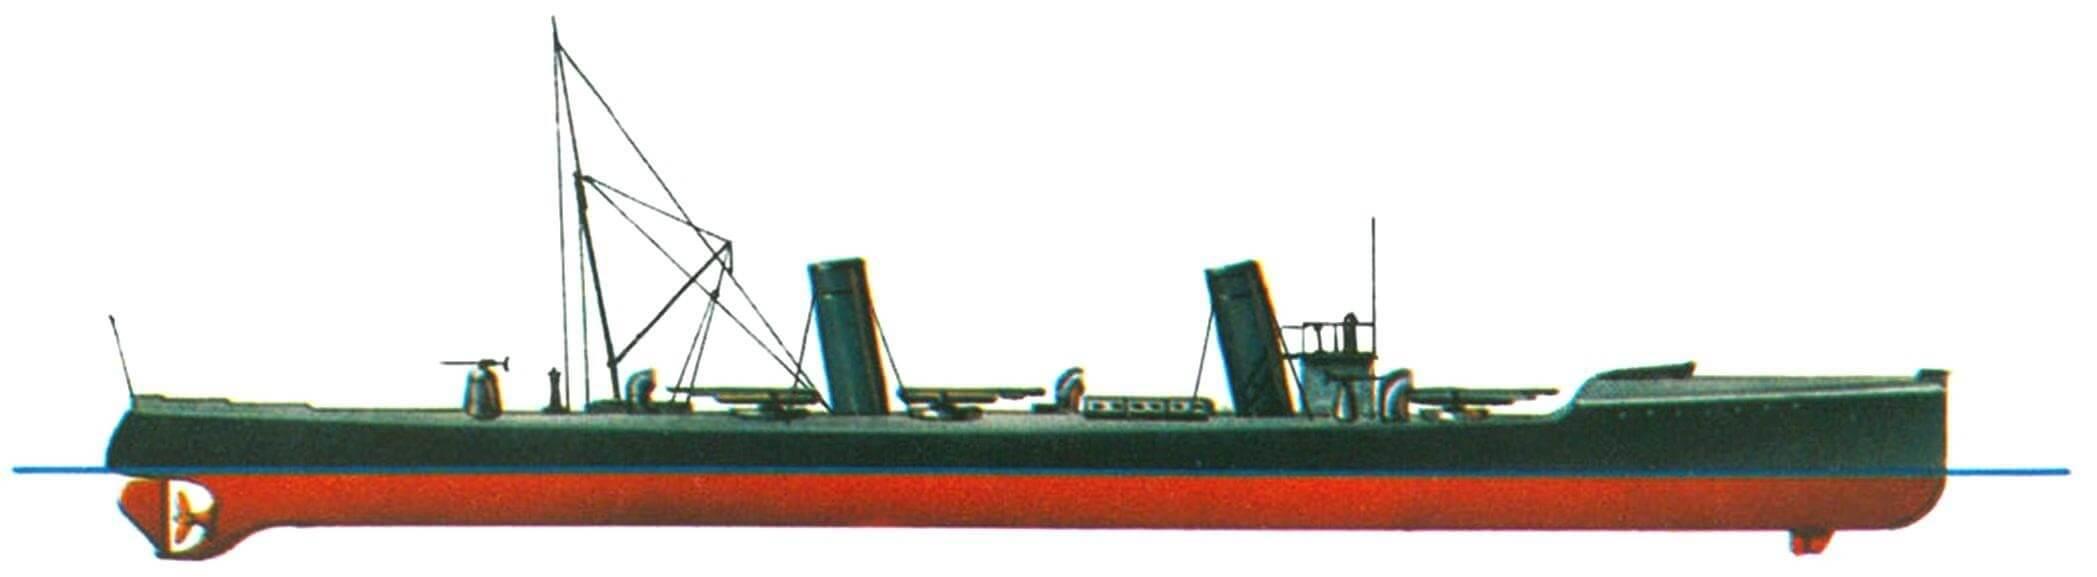 126. Эскадренный миноносец S-90, Германия, 1898 г.